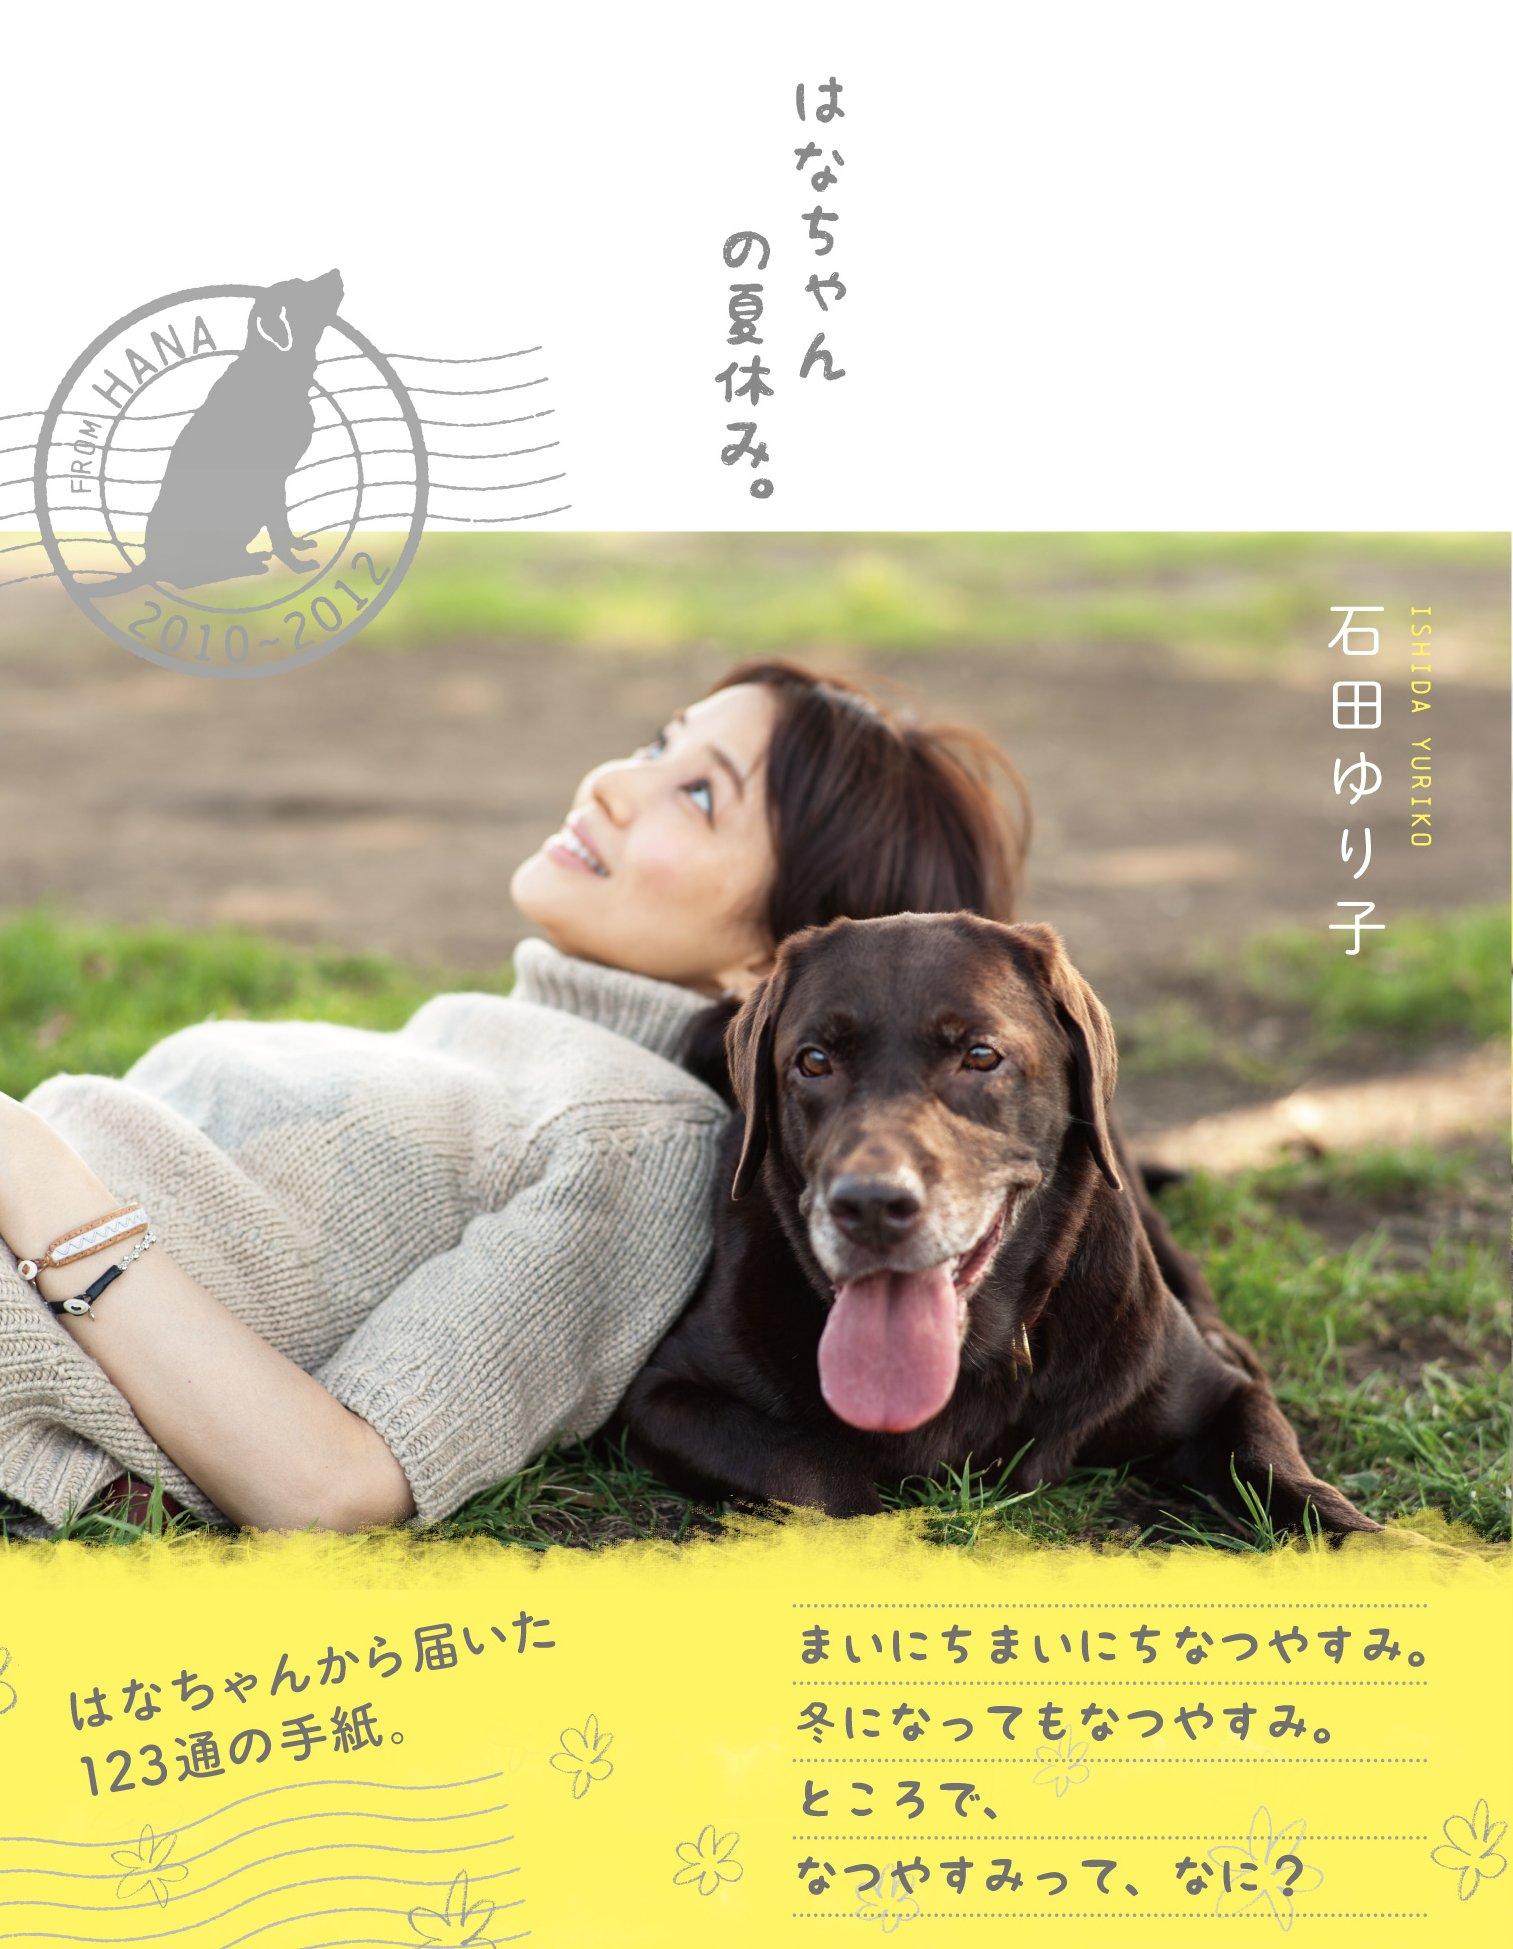 石田ゆり子さんのオアシスでの写真に癒される サムネイル画像